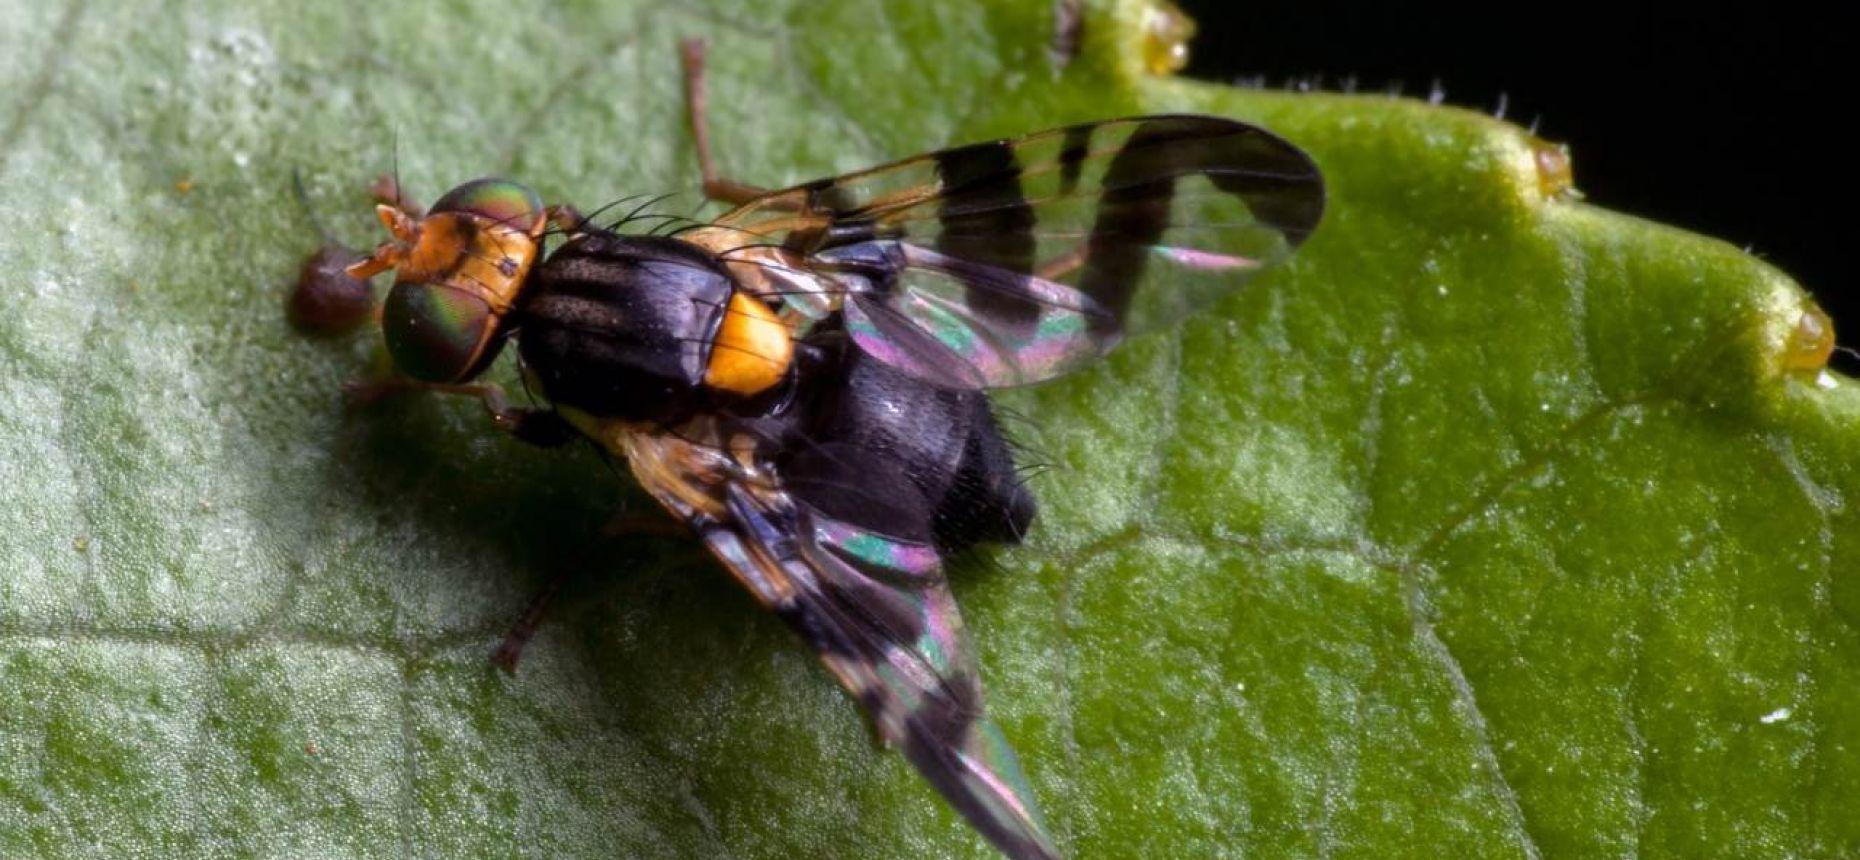 Вишневая муха - Rhagoletis cerasi L.